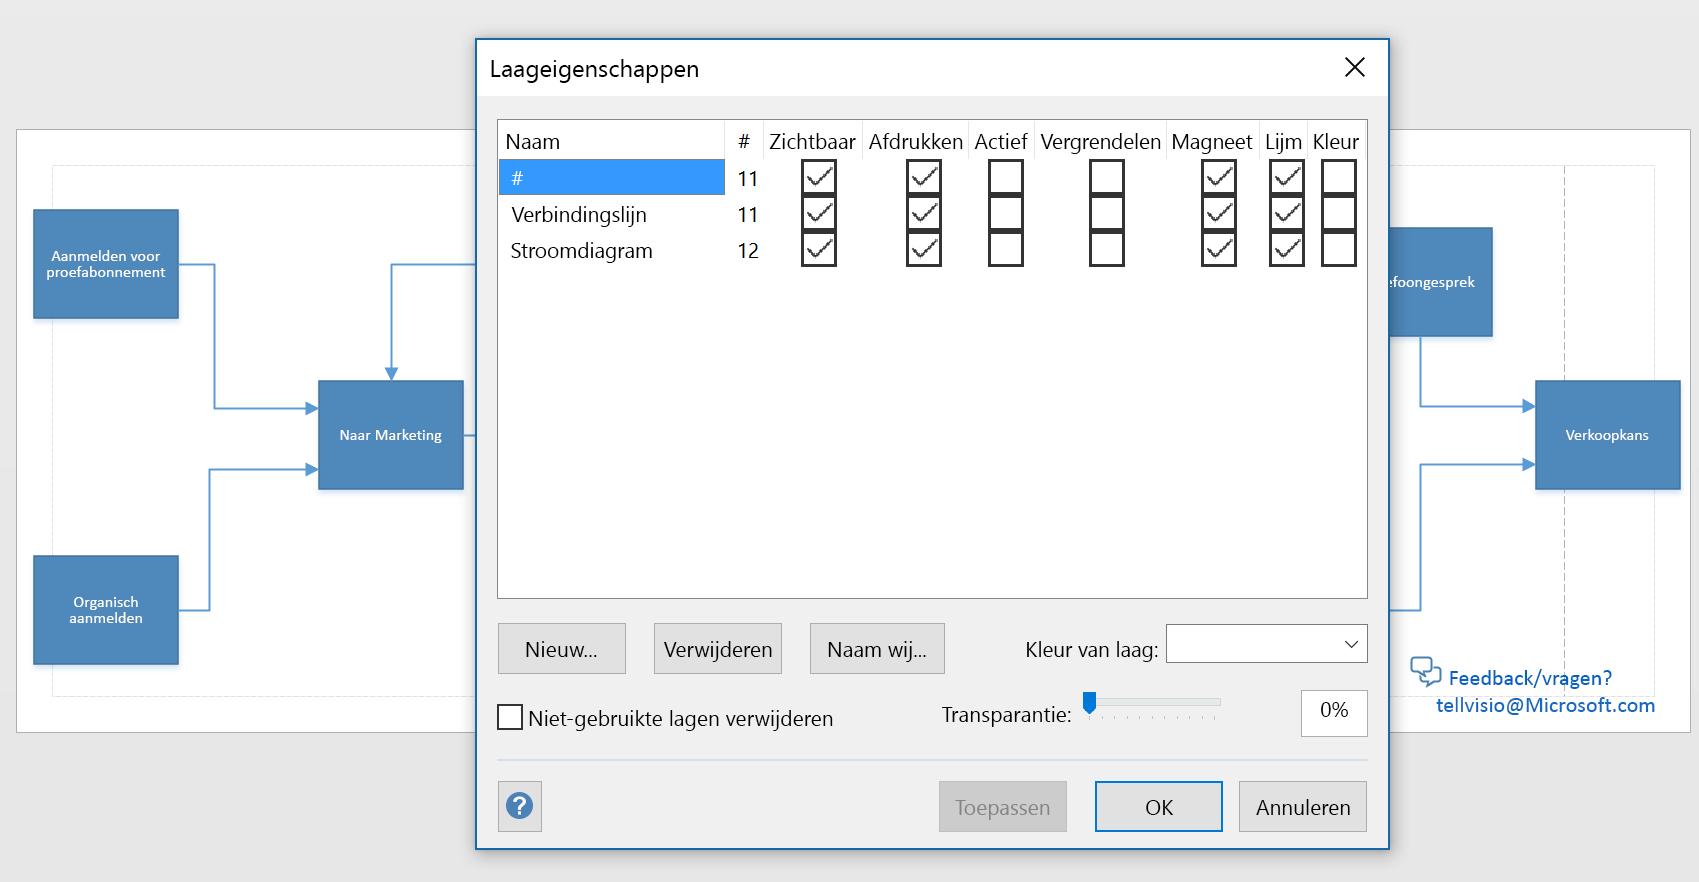 Schermafbeelding van dialoogvenster Lagen in Visio